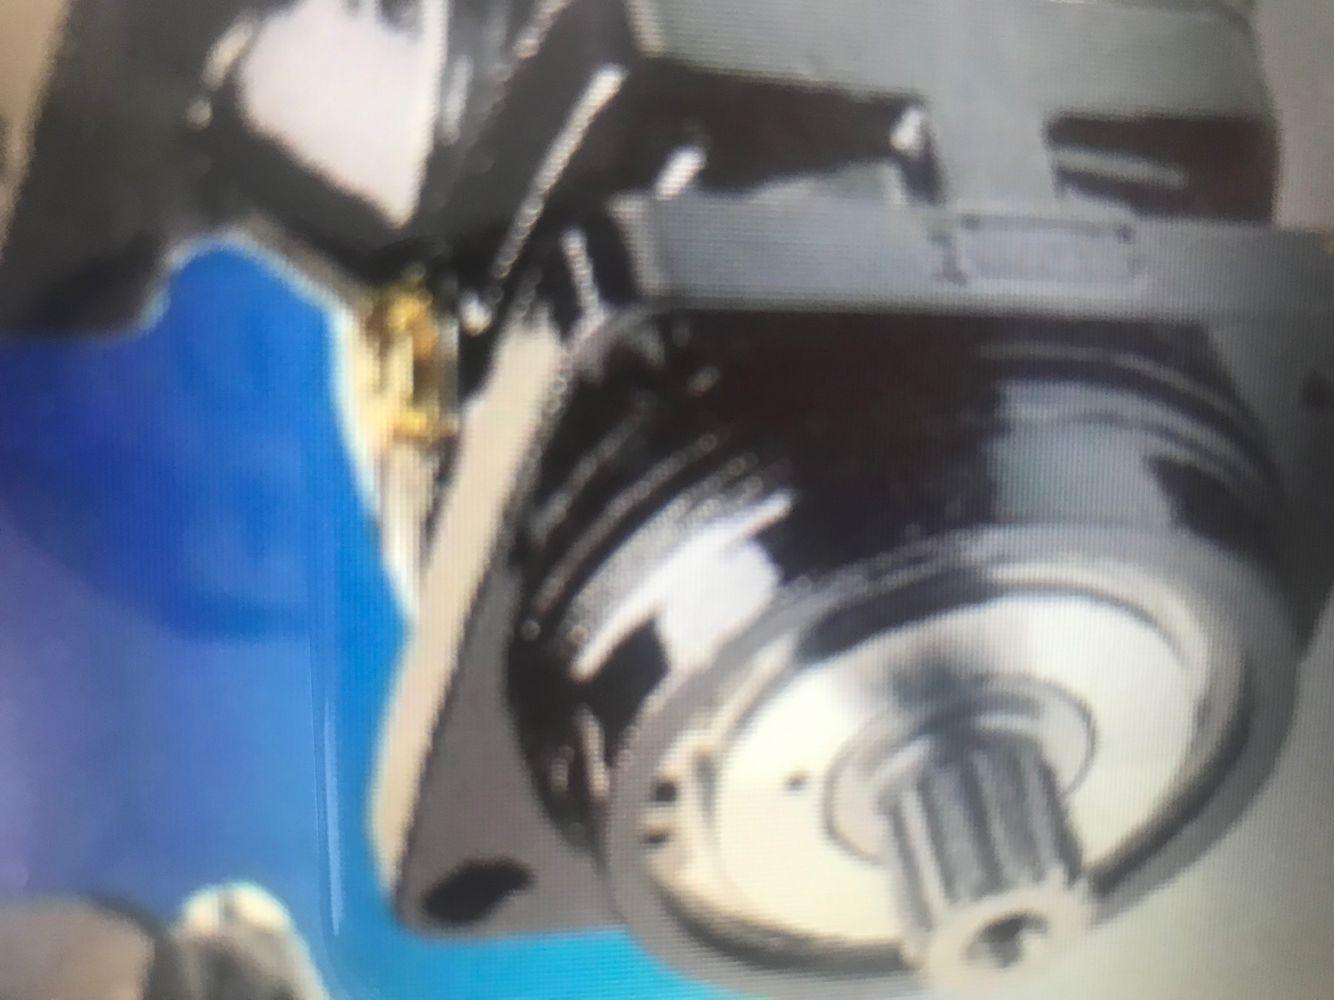 派克马达F12-060-RS-SV-T-000-0